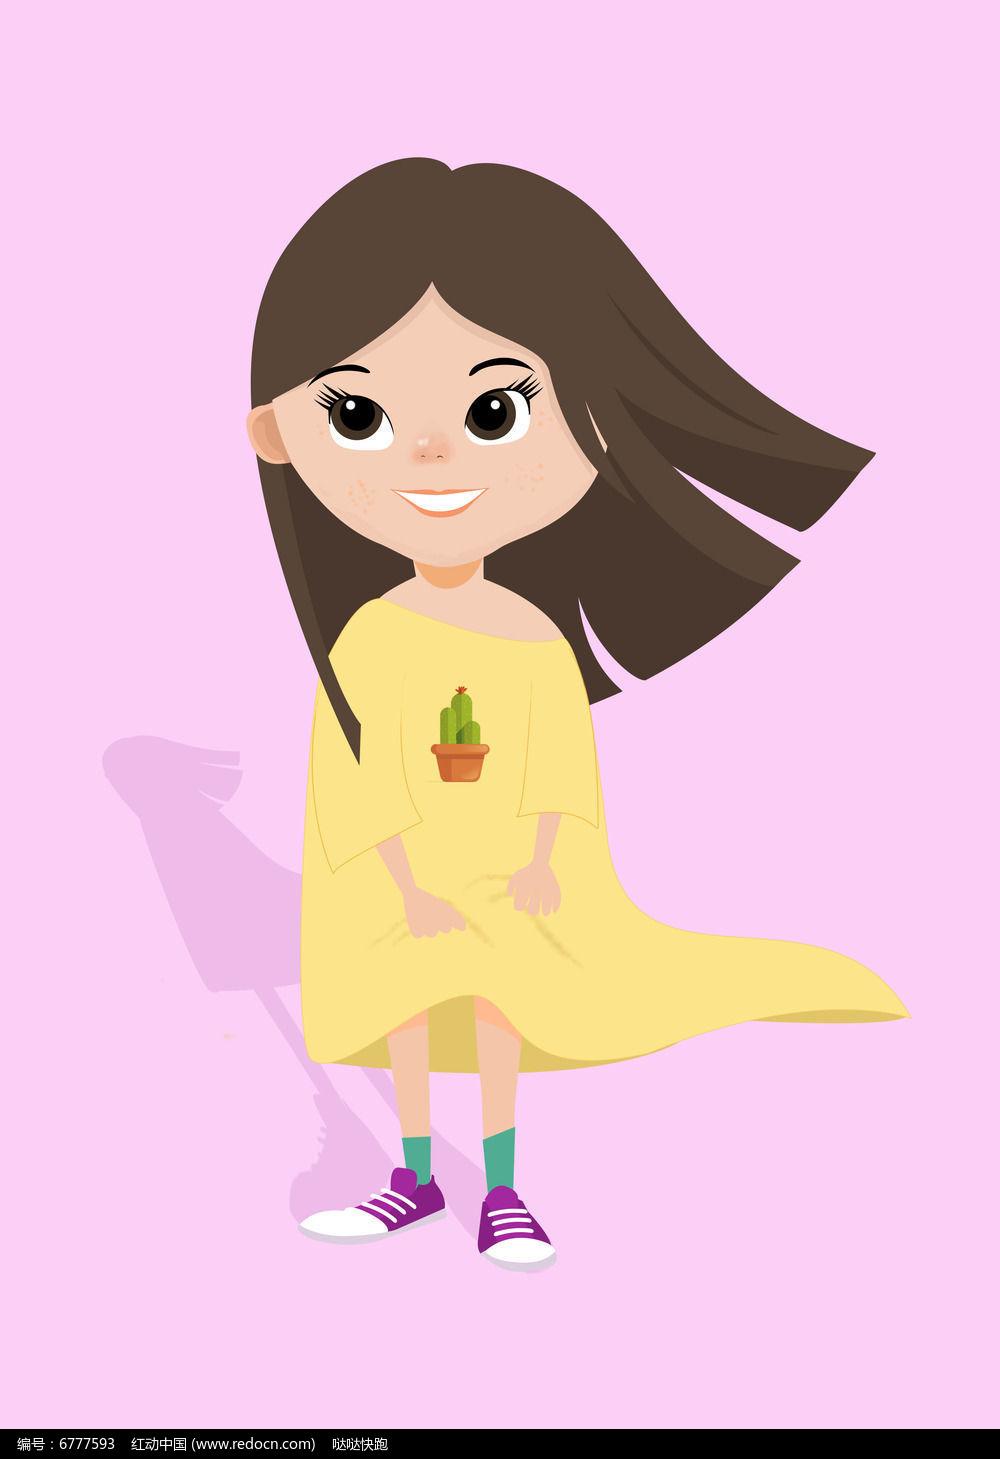 可爱女孩插画图片